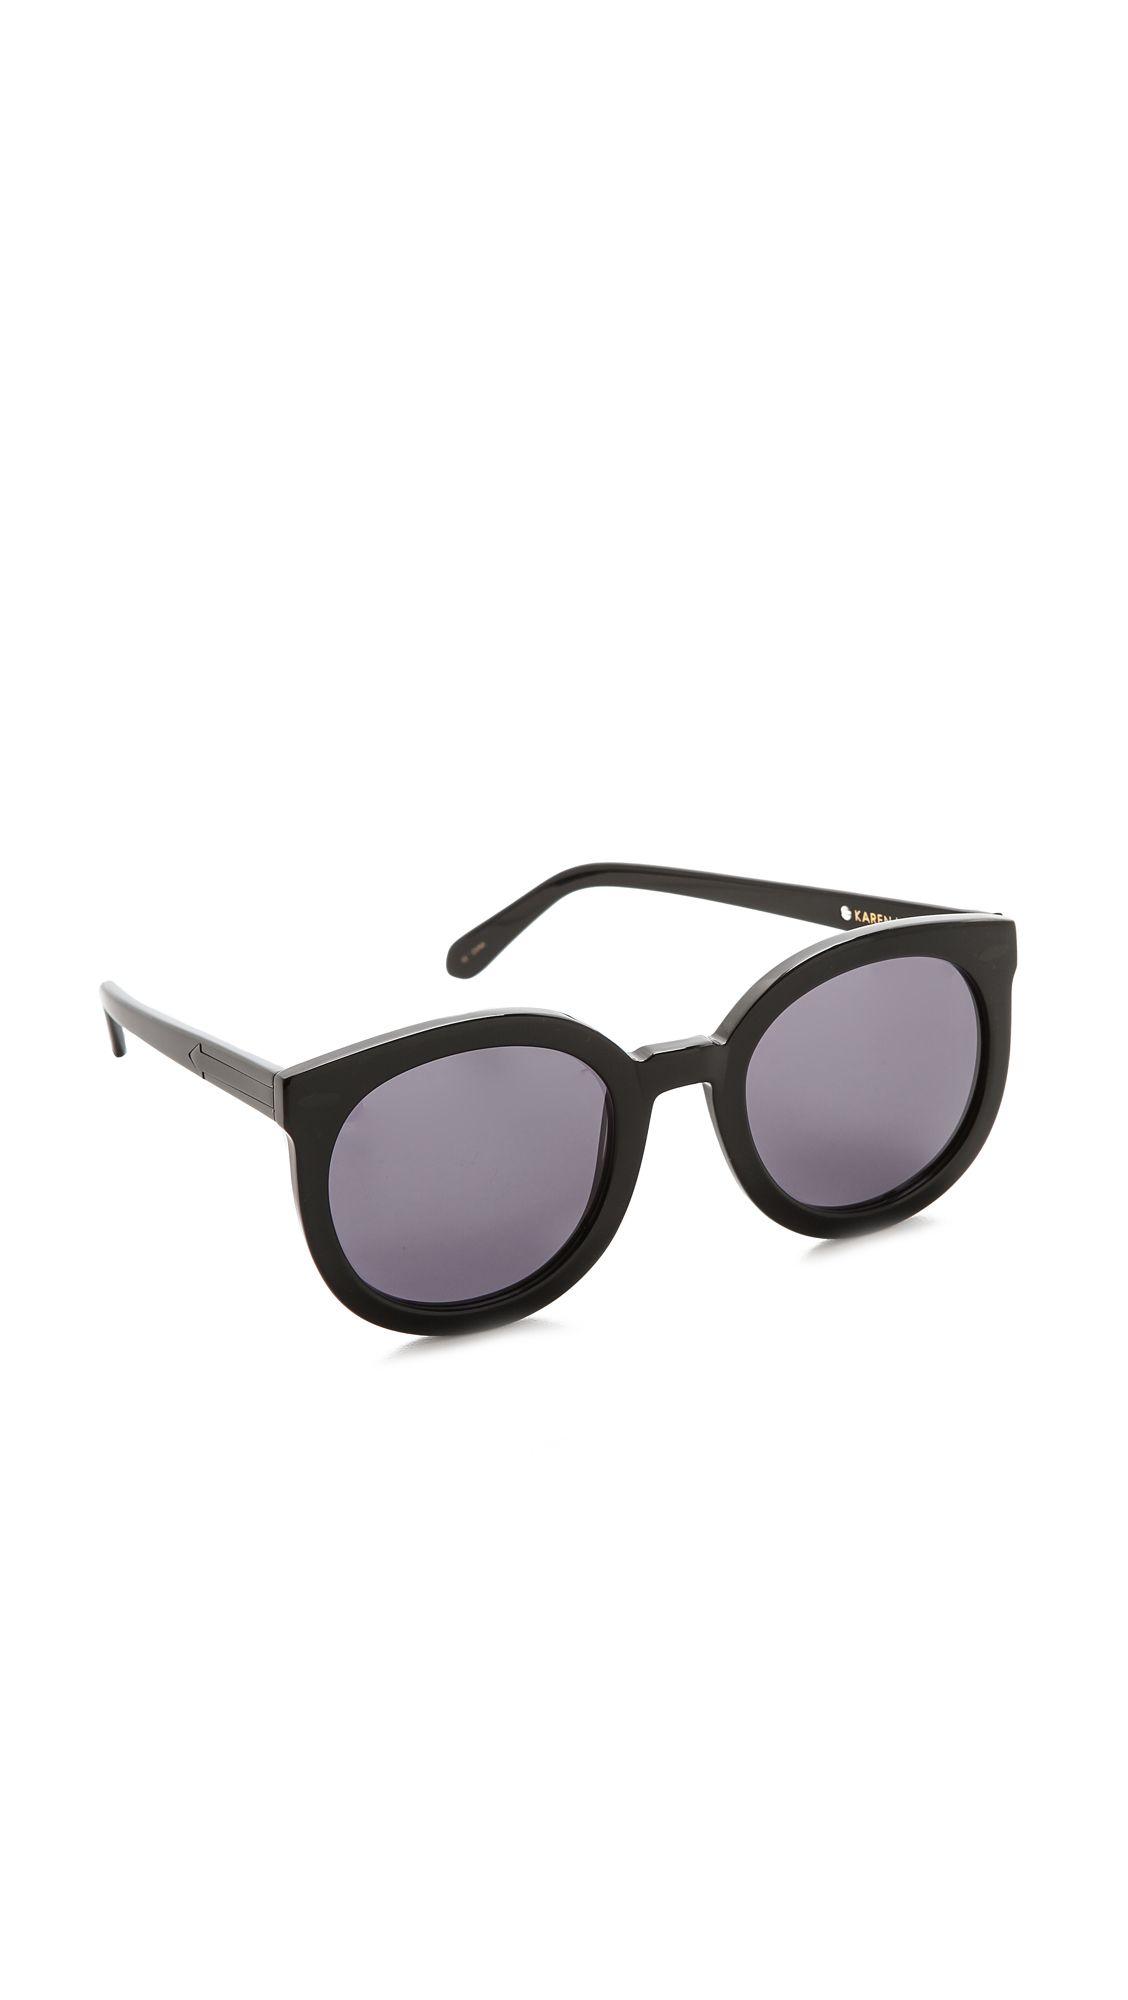 caa3cffd230 Karen Walker Super Duper Strength Sunglasses